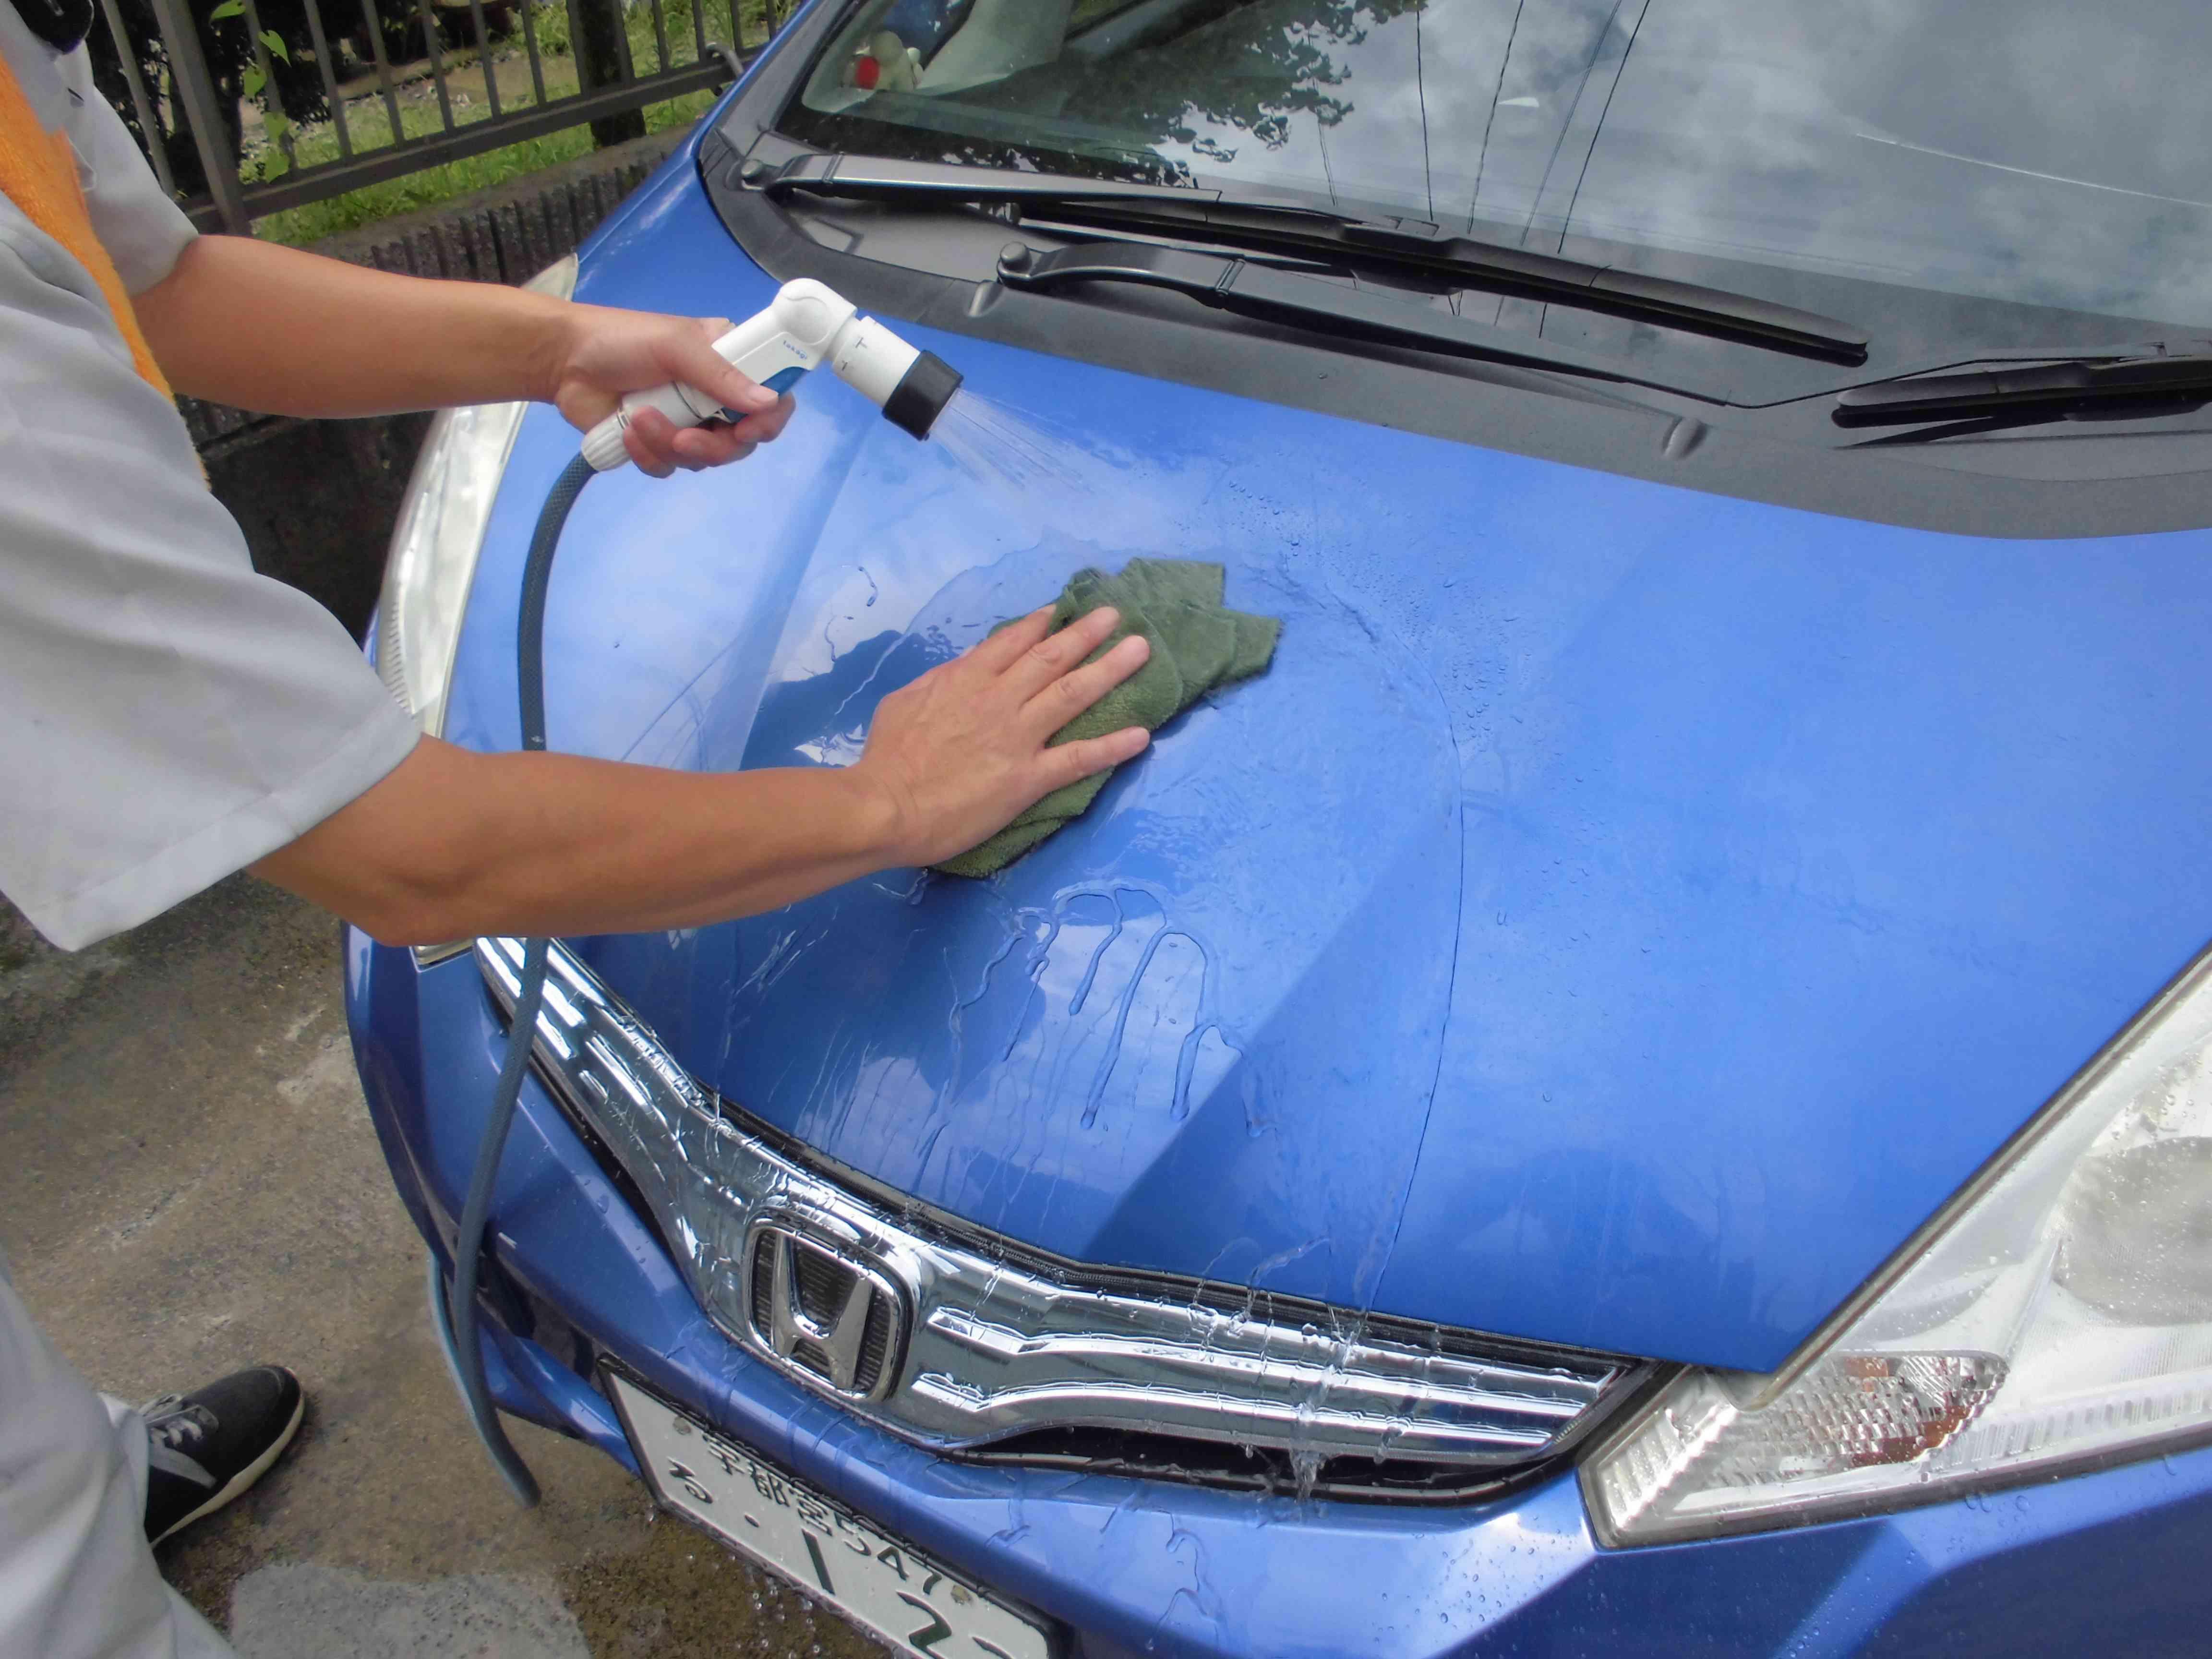 余剰成分を水洗車で落とす